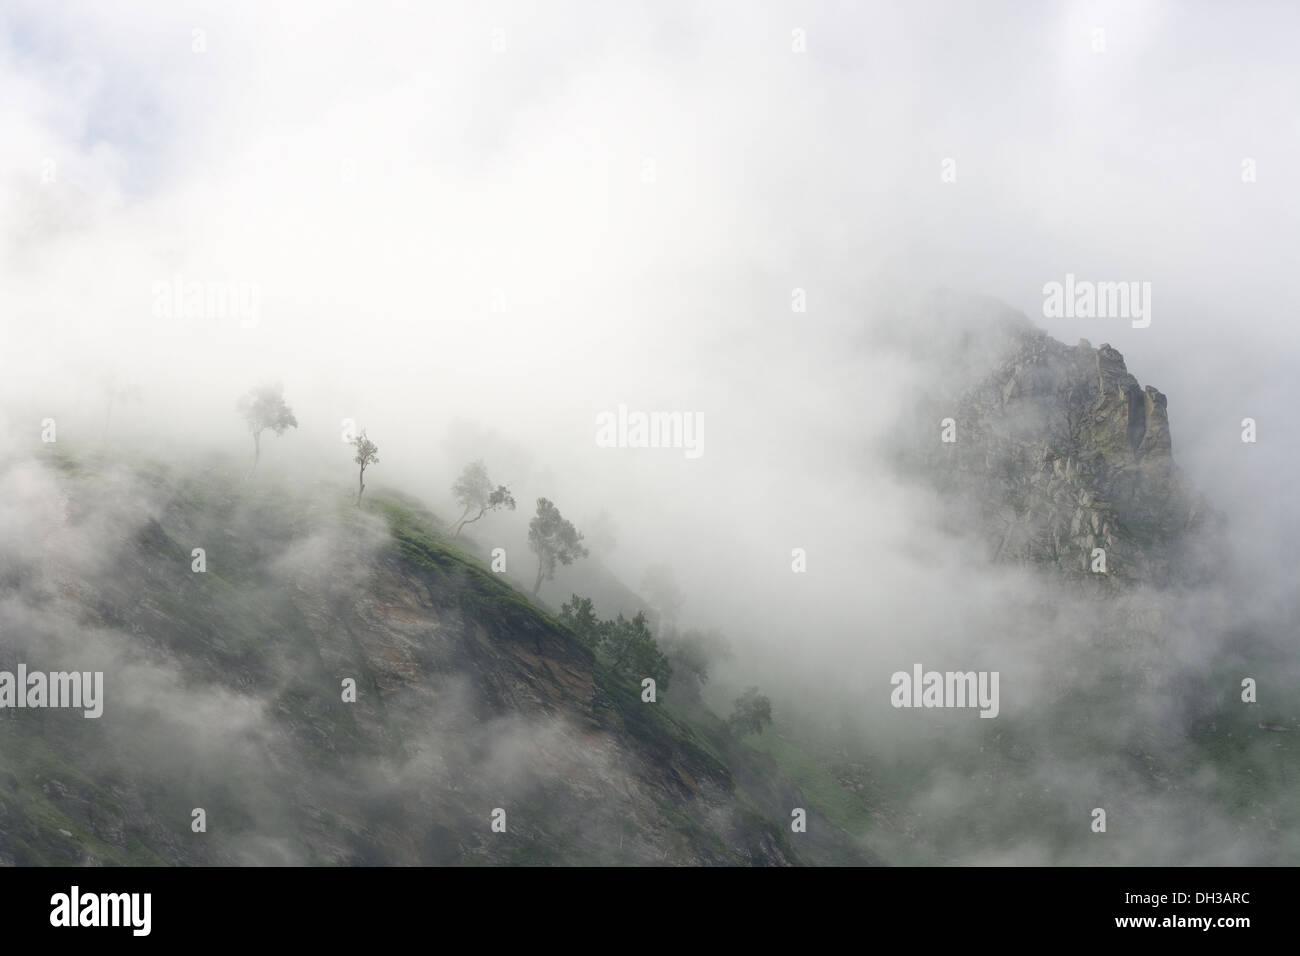 Shot taken at Manali-Leh Highway in India - Stock Image